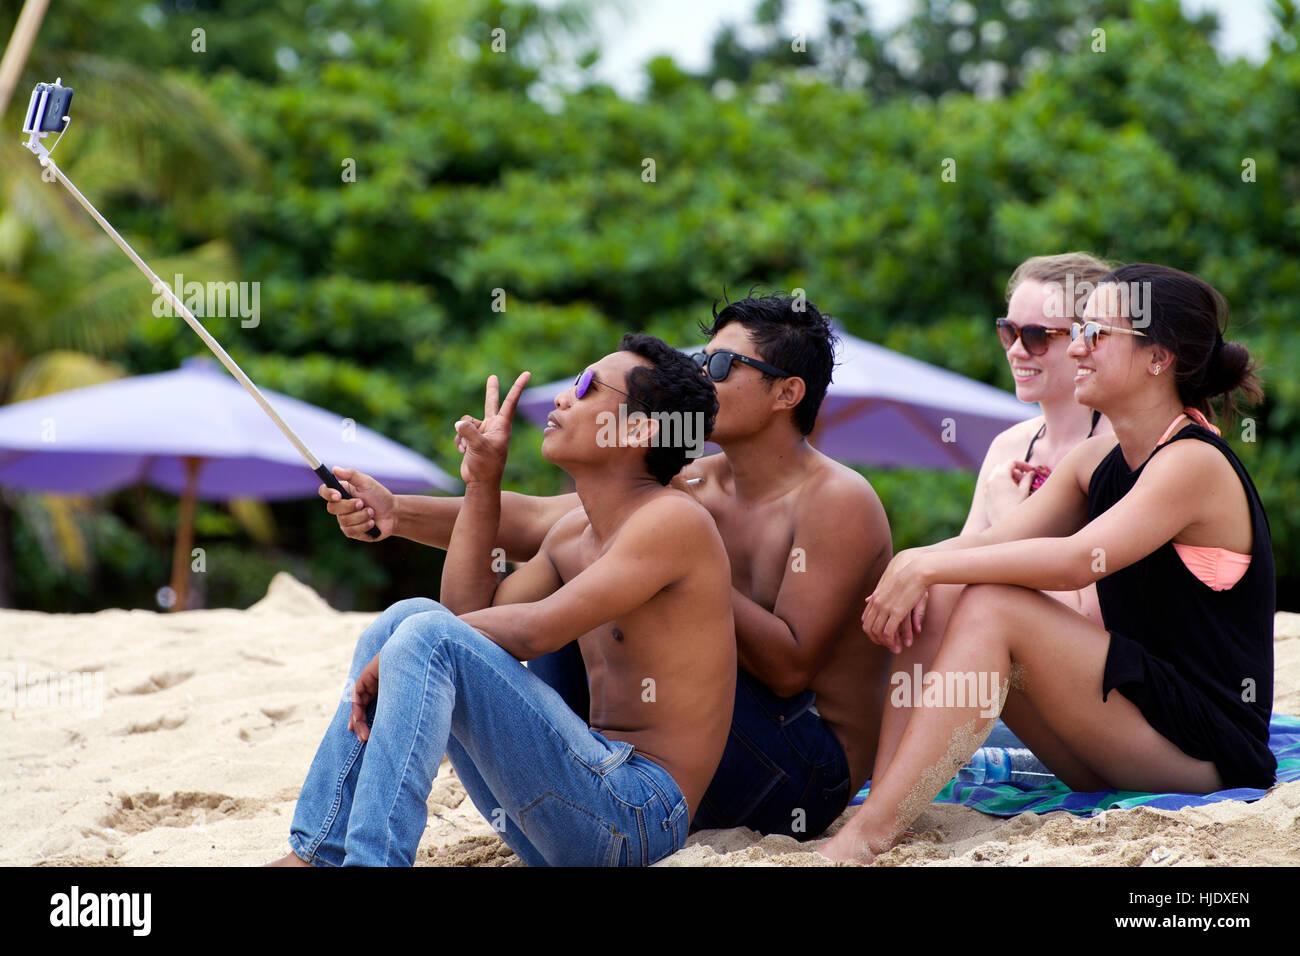 Simpatico gruppo di giovani uomini Balinese pongono per selfie foto con una coppia di giovani donne occidentali. Immagini Stock